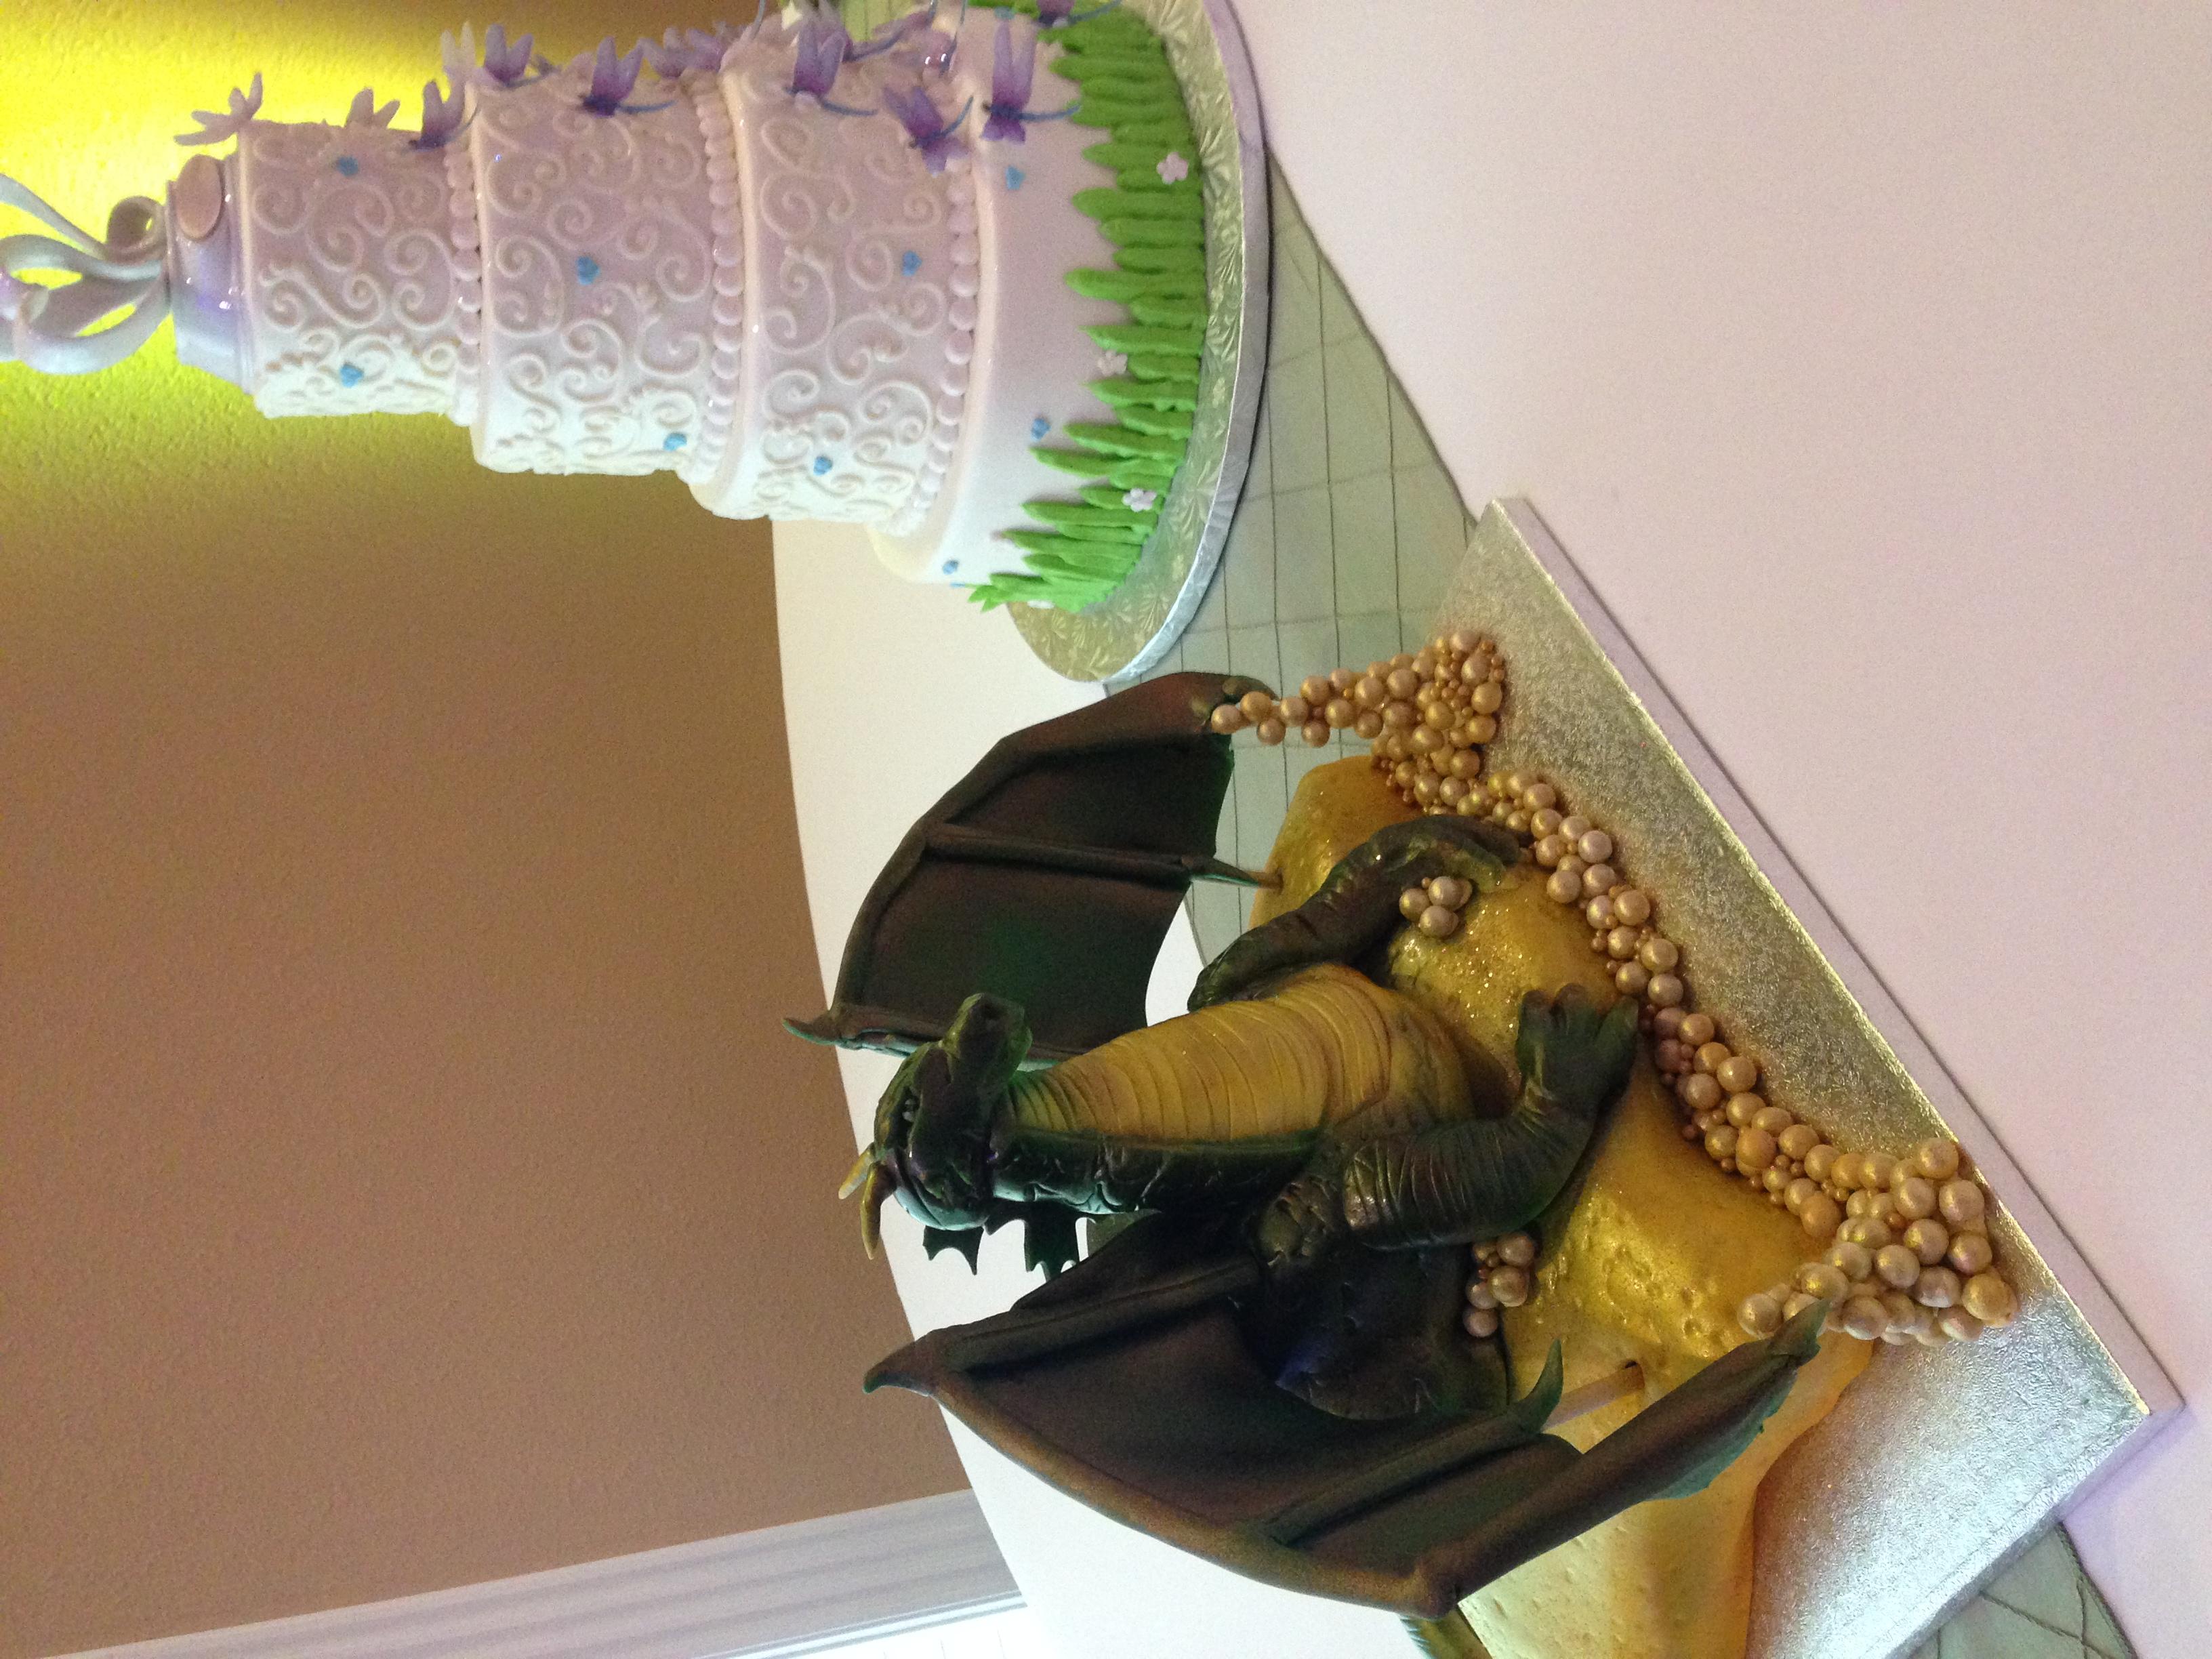 Suzybeez Cakes N Sweetz, Cypress TX